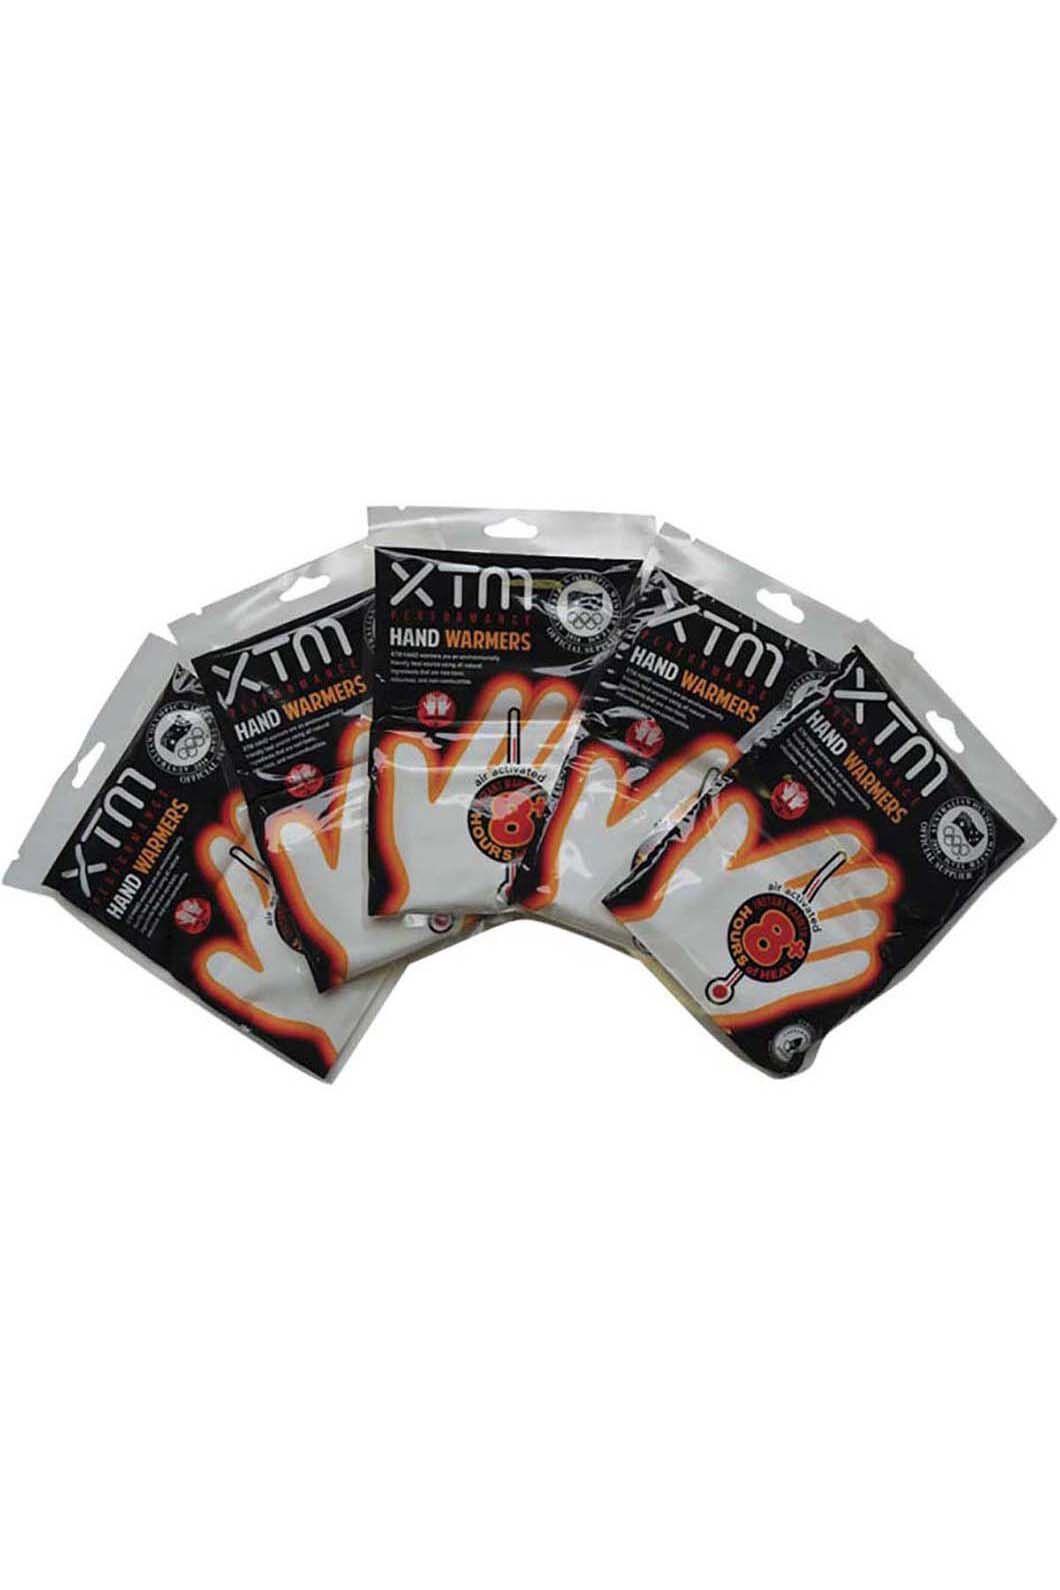 XTM Hot Hands Hand Warmers, N/A, hi-res